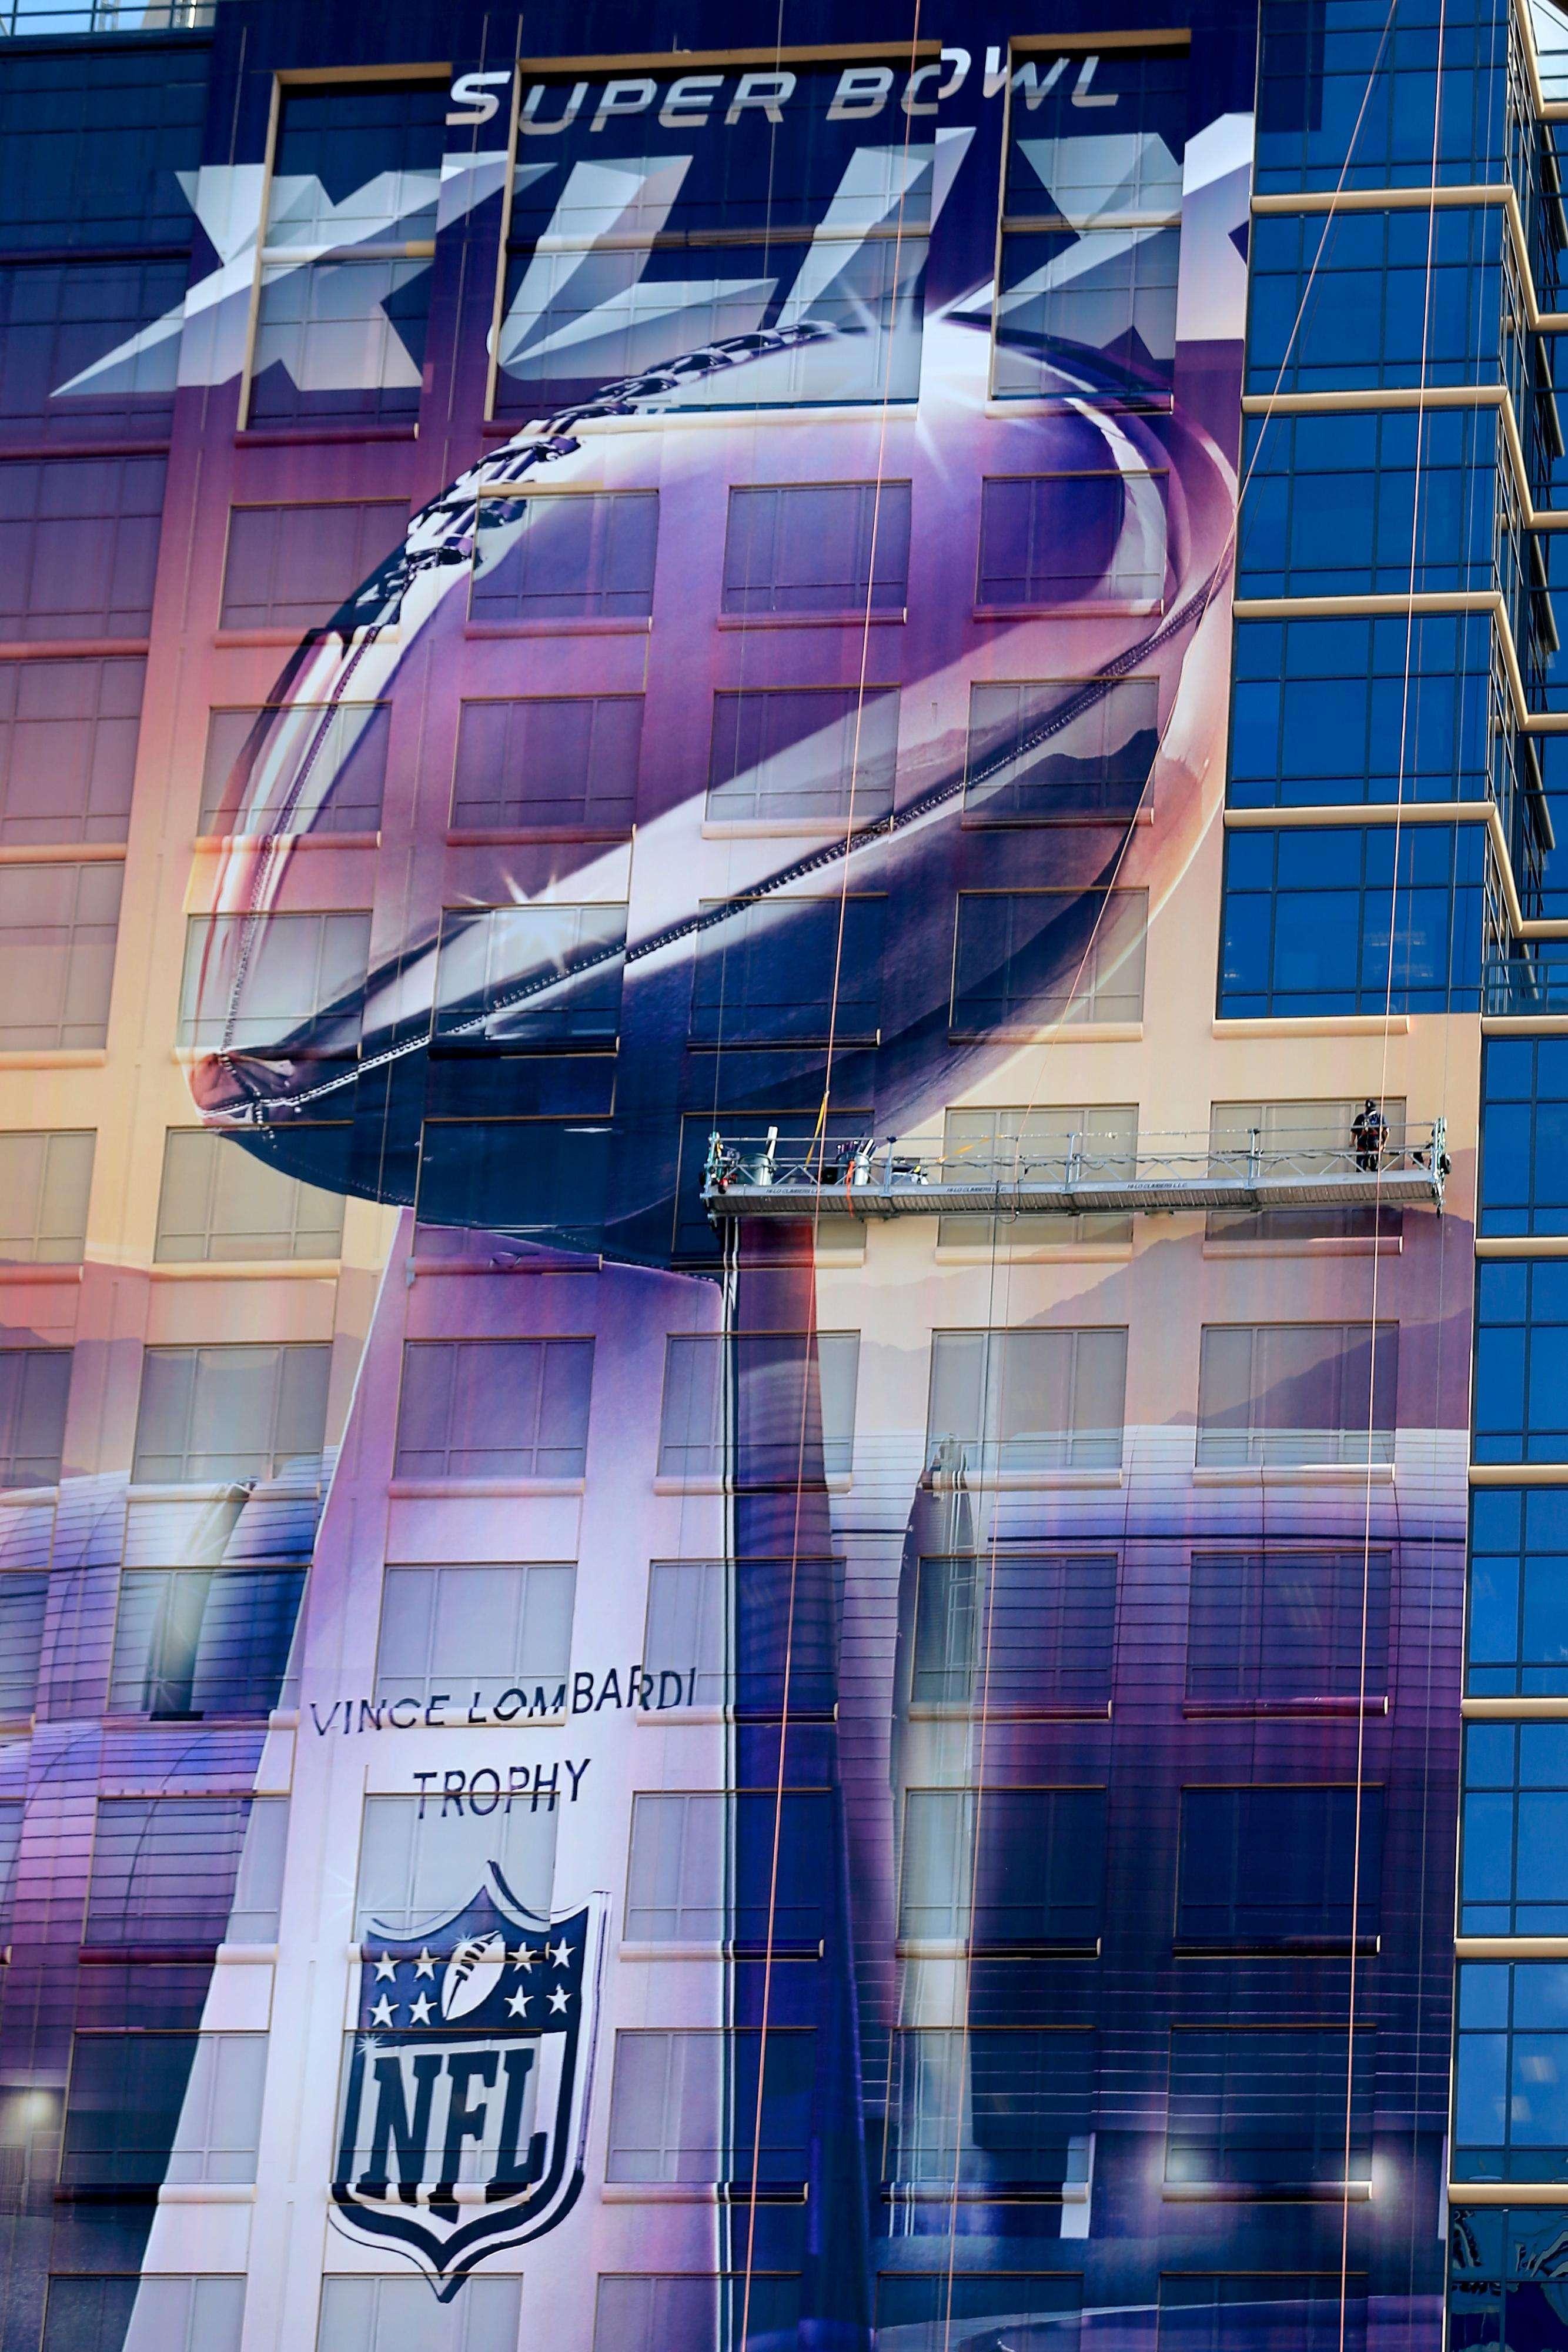 La edición número 49 del Super Bowl se encuentra a la vuelta de la esquina, y con ella una cantidad importante de cifras que se mueven alrededor de éste importante suceso. Foto: Getty Images